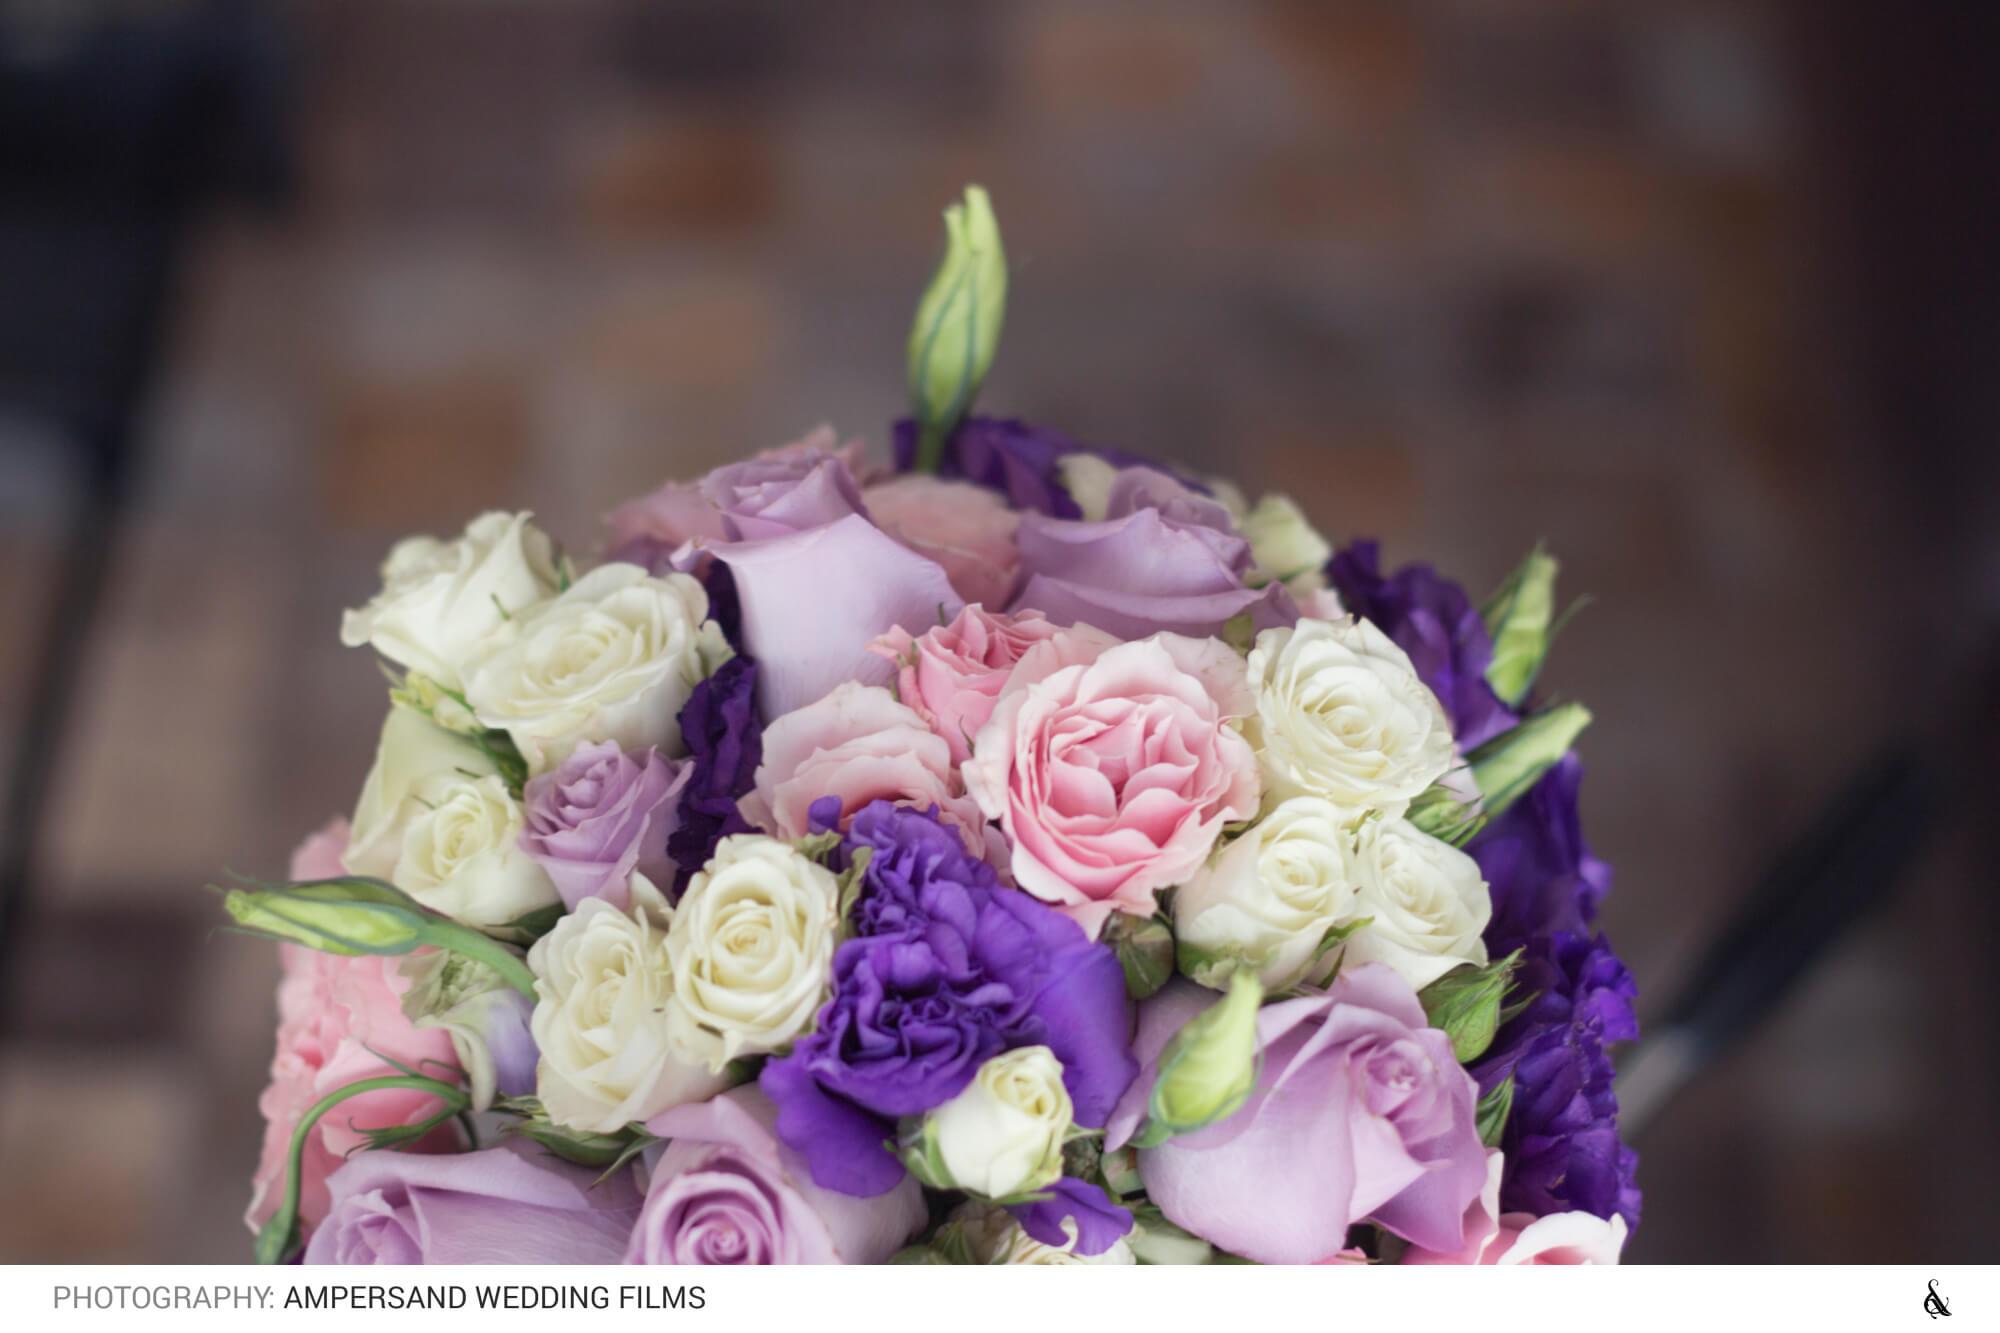 Bouquet de novia - Matrimonio Pía & Juan Pablo en Campus Oriente